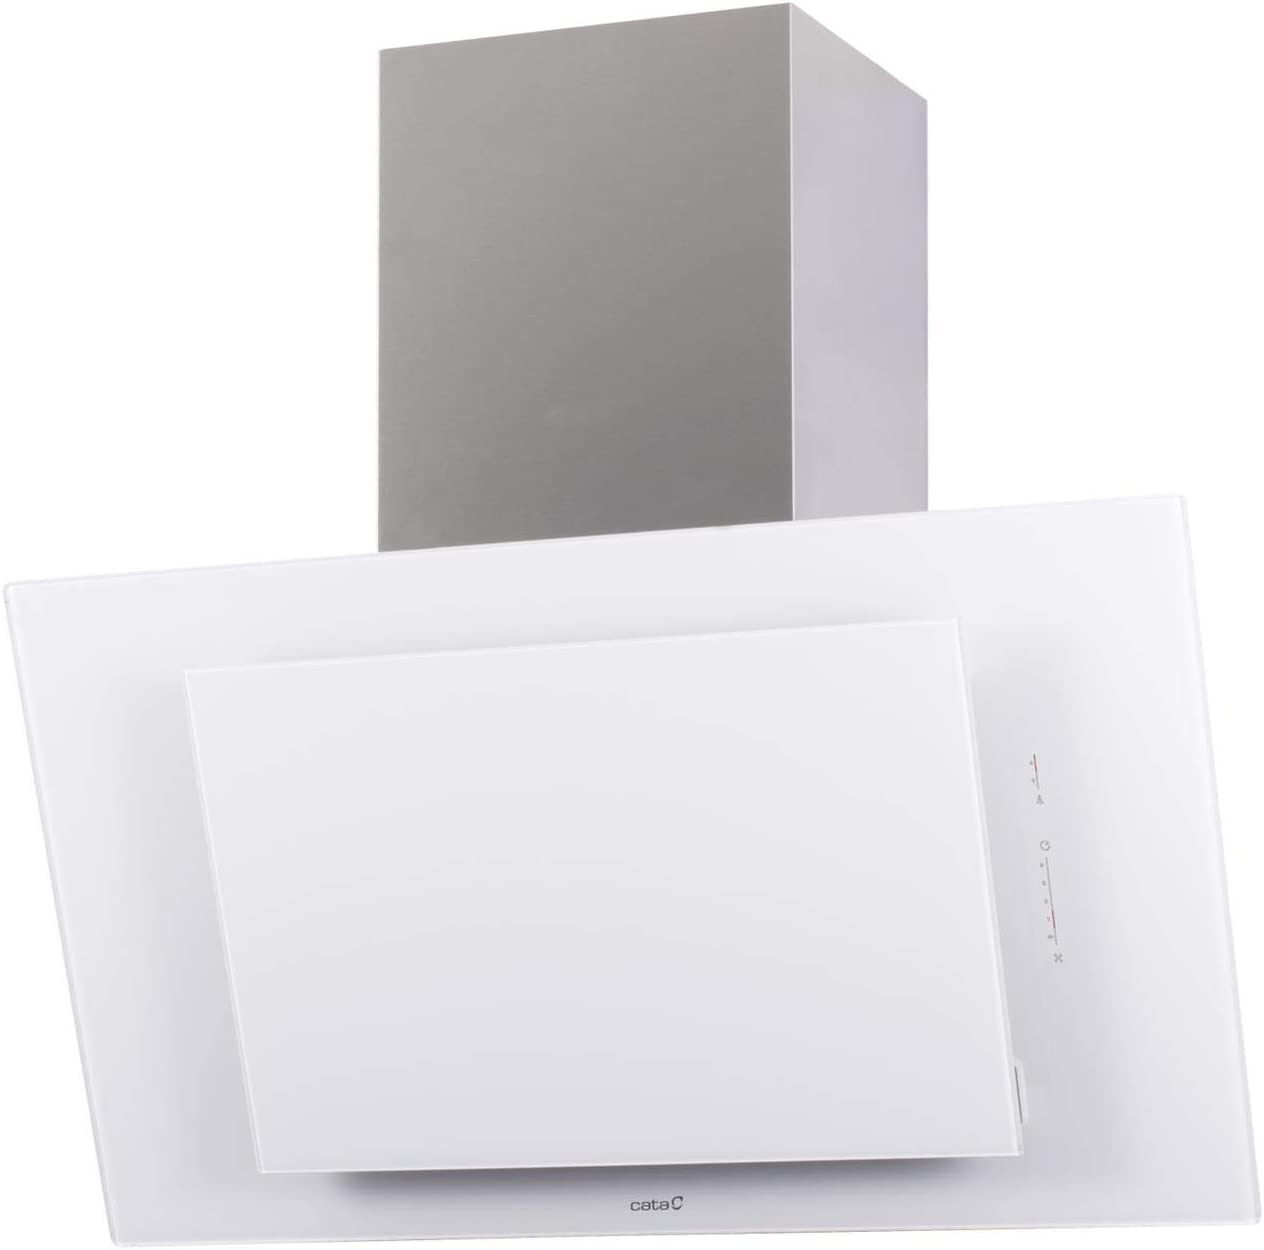 Campana decorativa Cata Thalassa 800 XG WH con 5 niveles de extracción: 356.08: Amazon.es: Grandes electrodomésticos